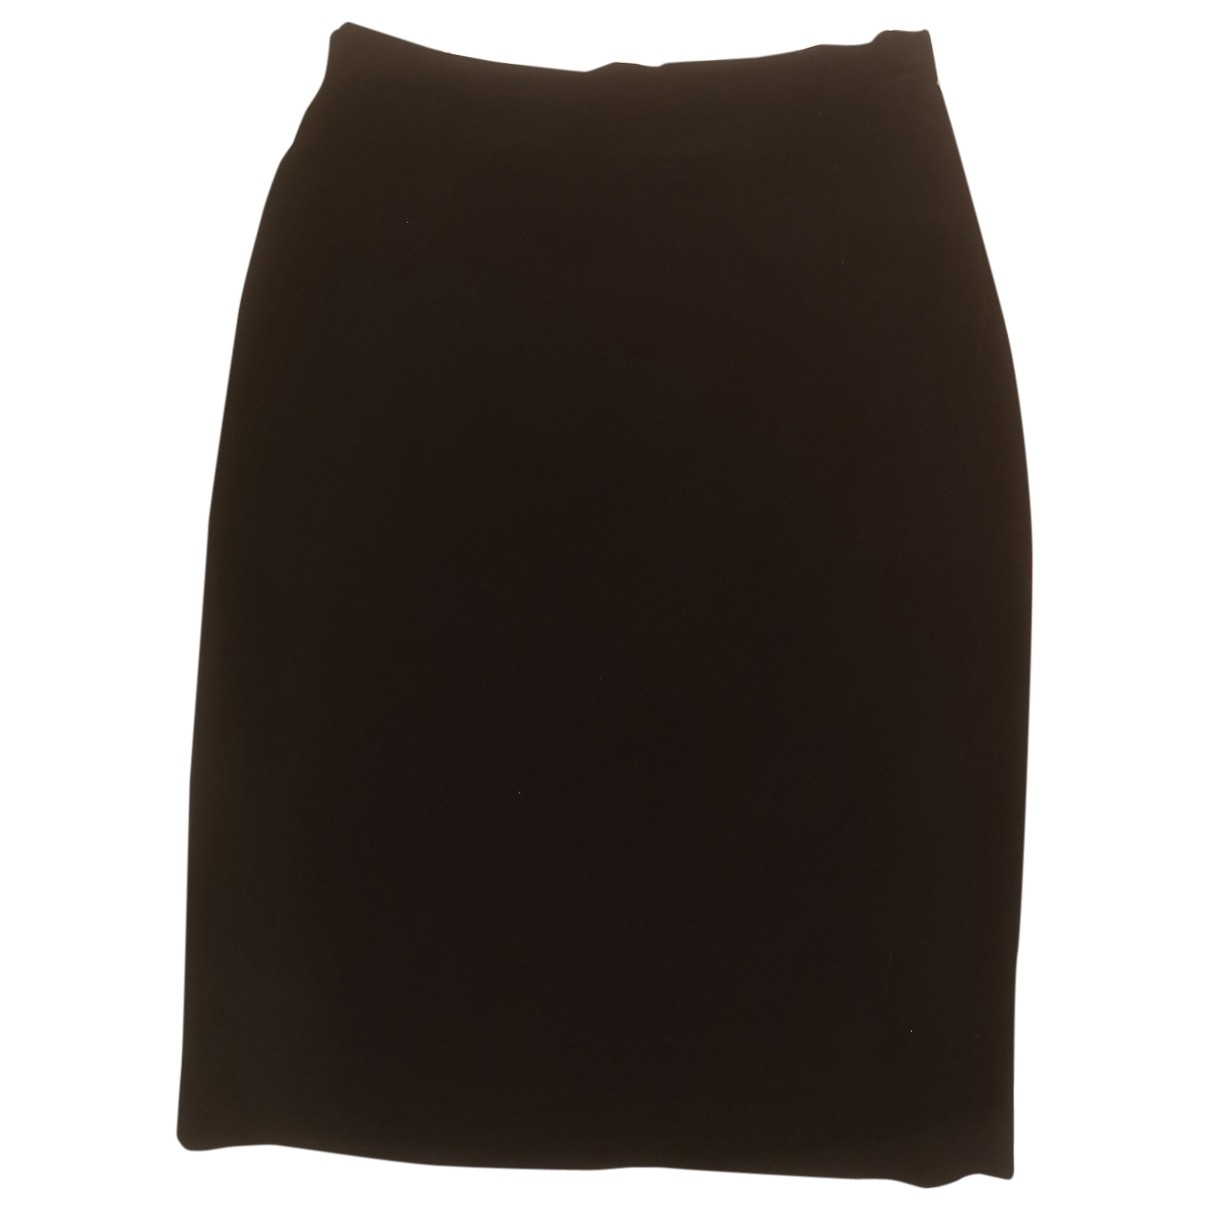 Valentino Garavani \N Black Velvet skirt for Women 14-16 US